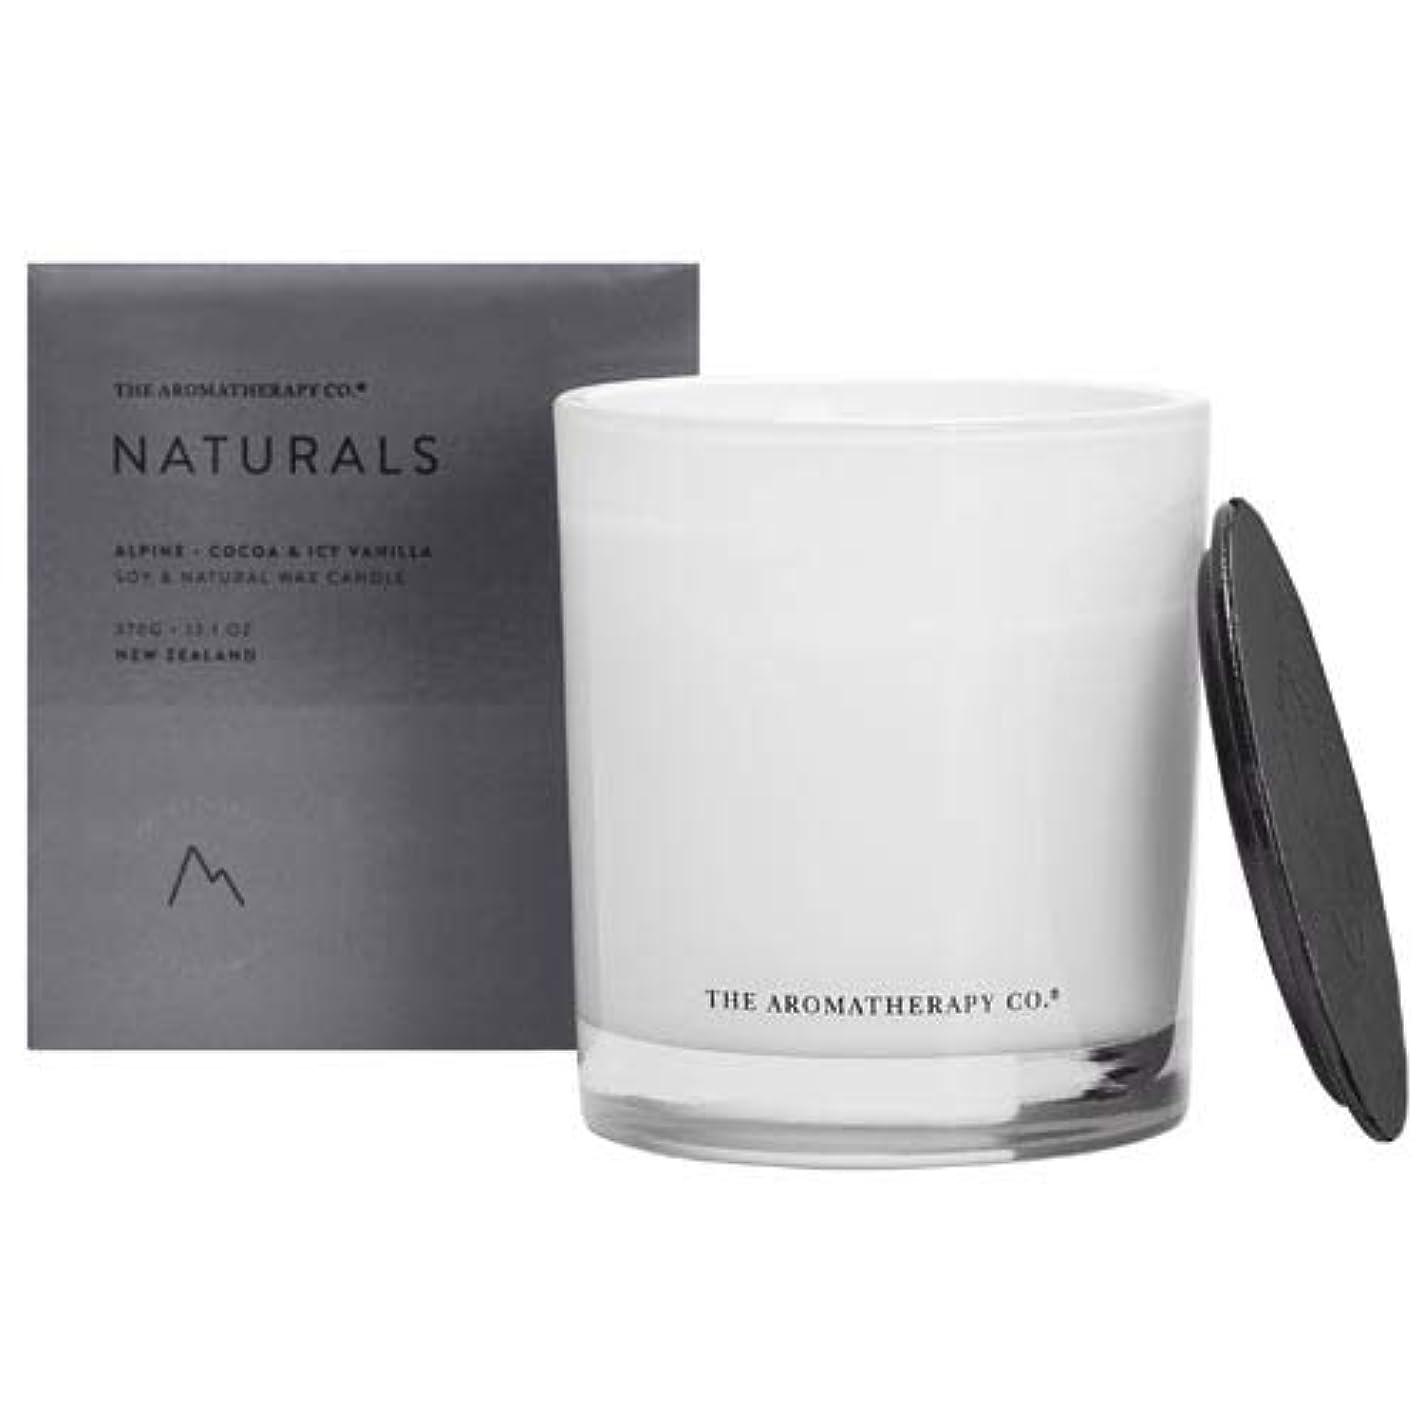 とにかくシャークウェーハアロマセラピーカンパニー(Aromatherapy Company) new NATURALS ナチュラルズ Candle キャンドル Alpine アルパイン(山) Cocoa & Icy Vanilla ココア&アイシーバニラ